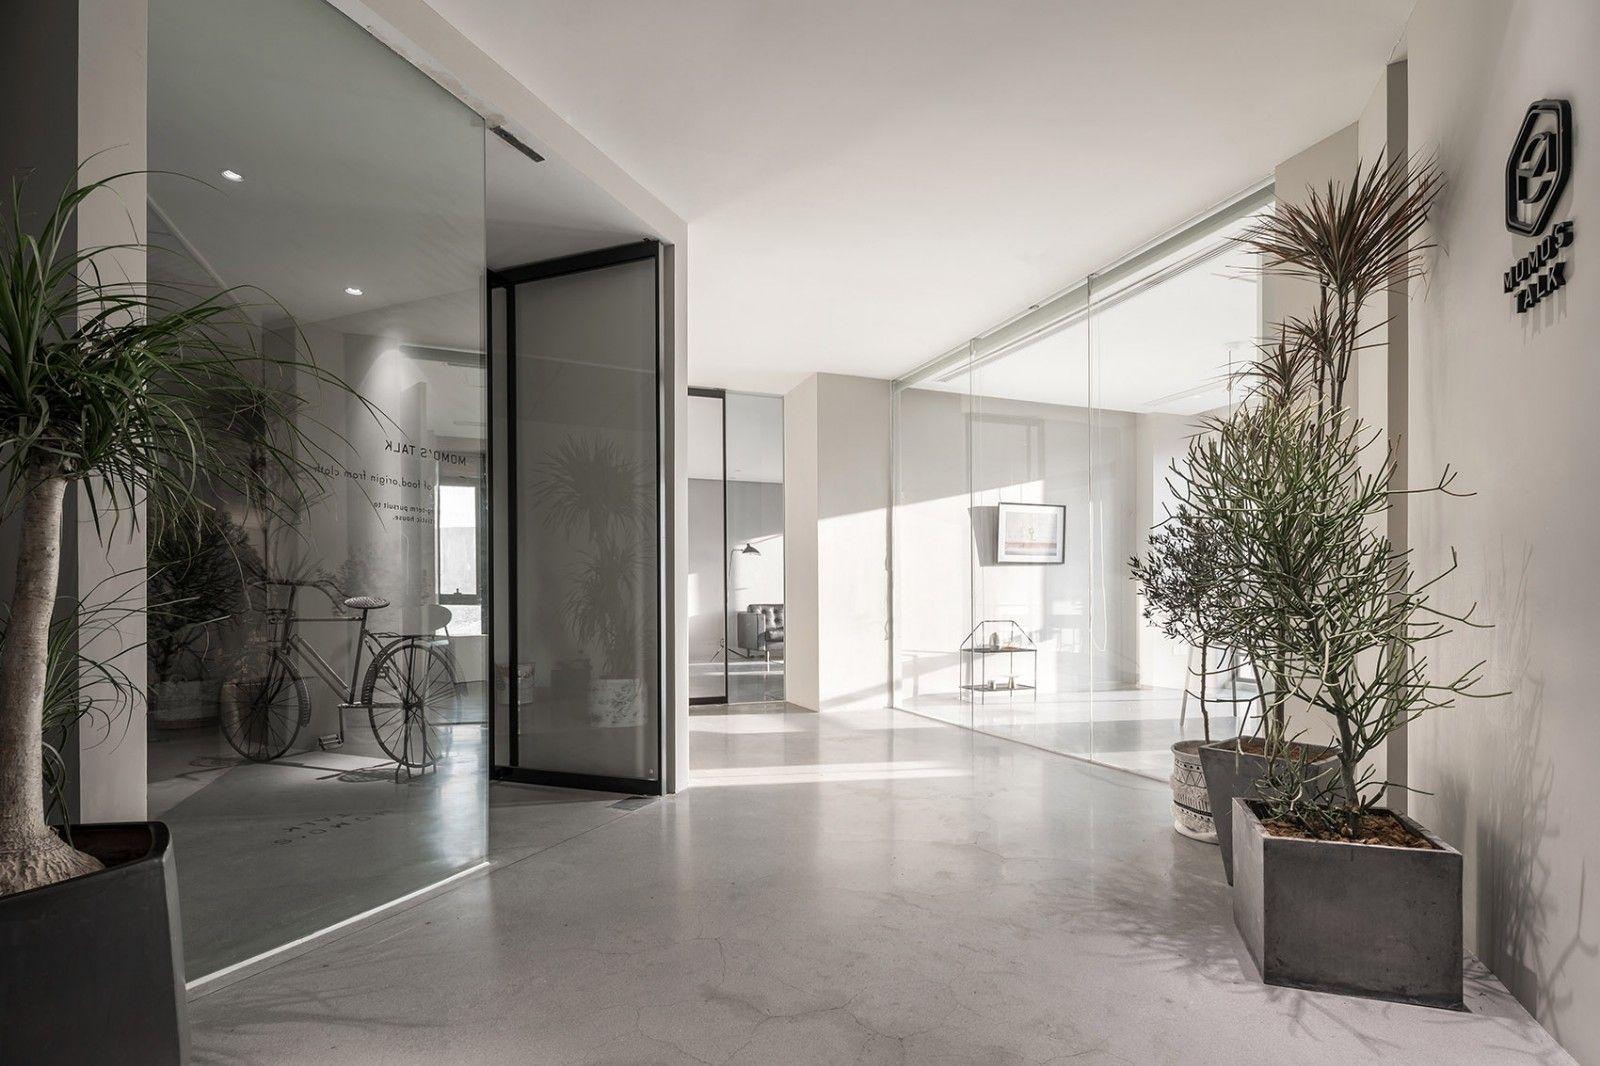 杭州莫语生活办公室 | 杭州时上建筑空间设计|沈墨 - 1